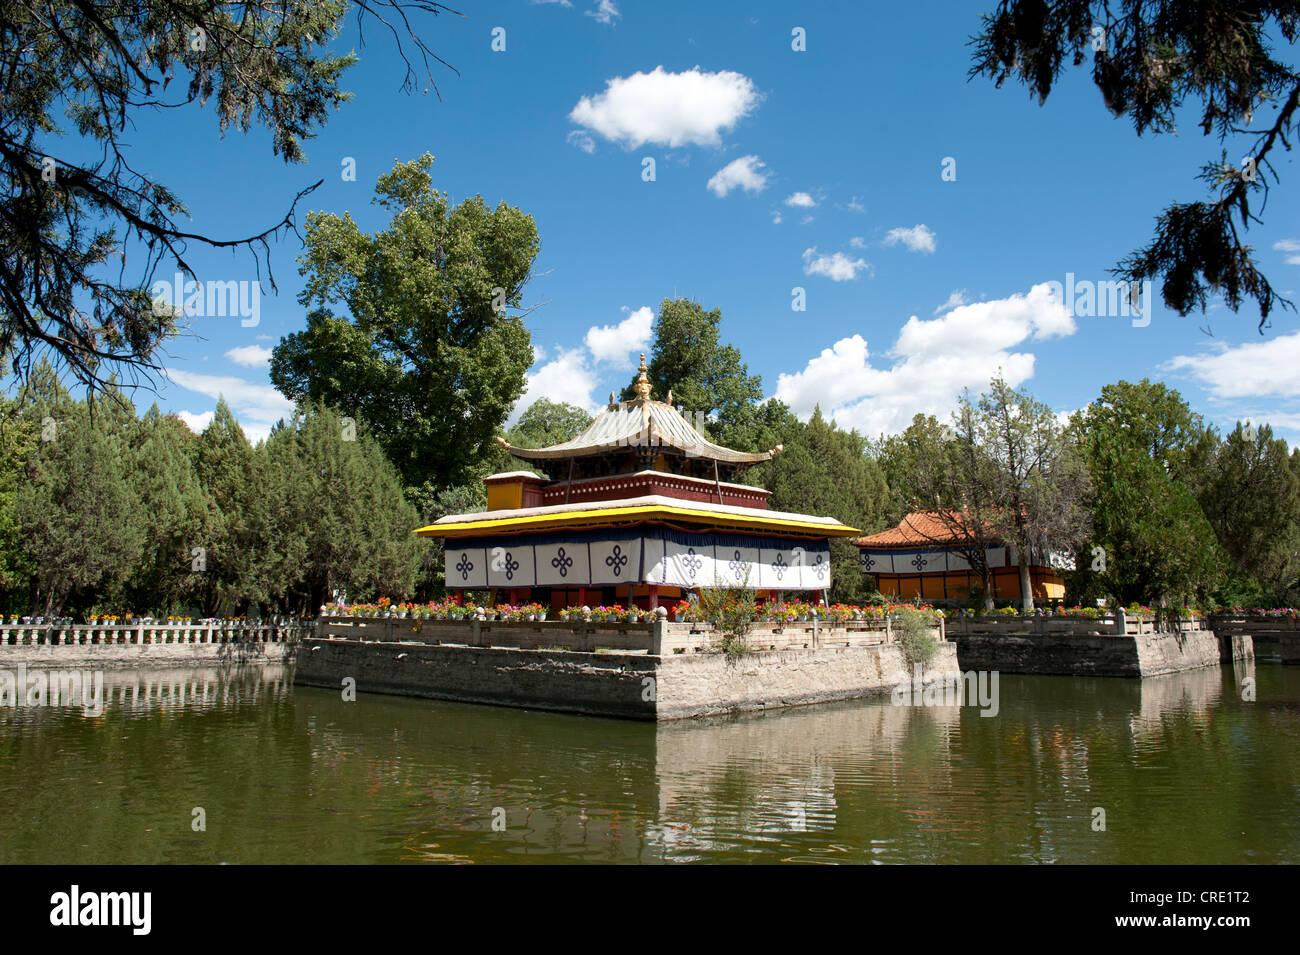 El budismo tibetano, el templo en el lago en el parque de Norbulingka, residencia de verano del Dalai Lama, Lhasa, Imagen De Stock